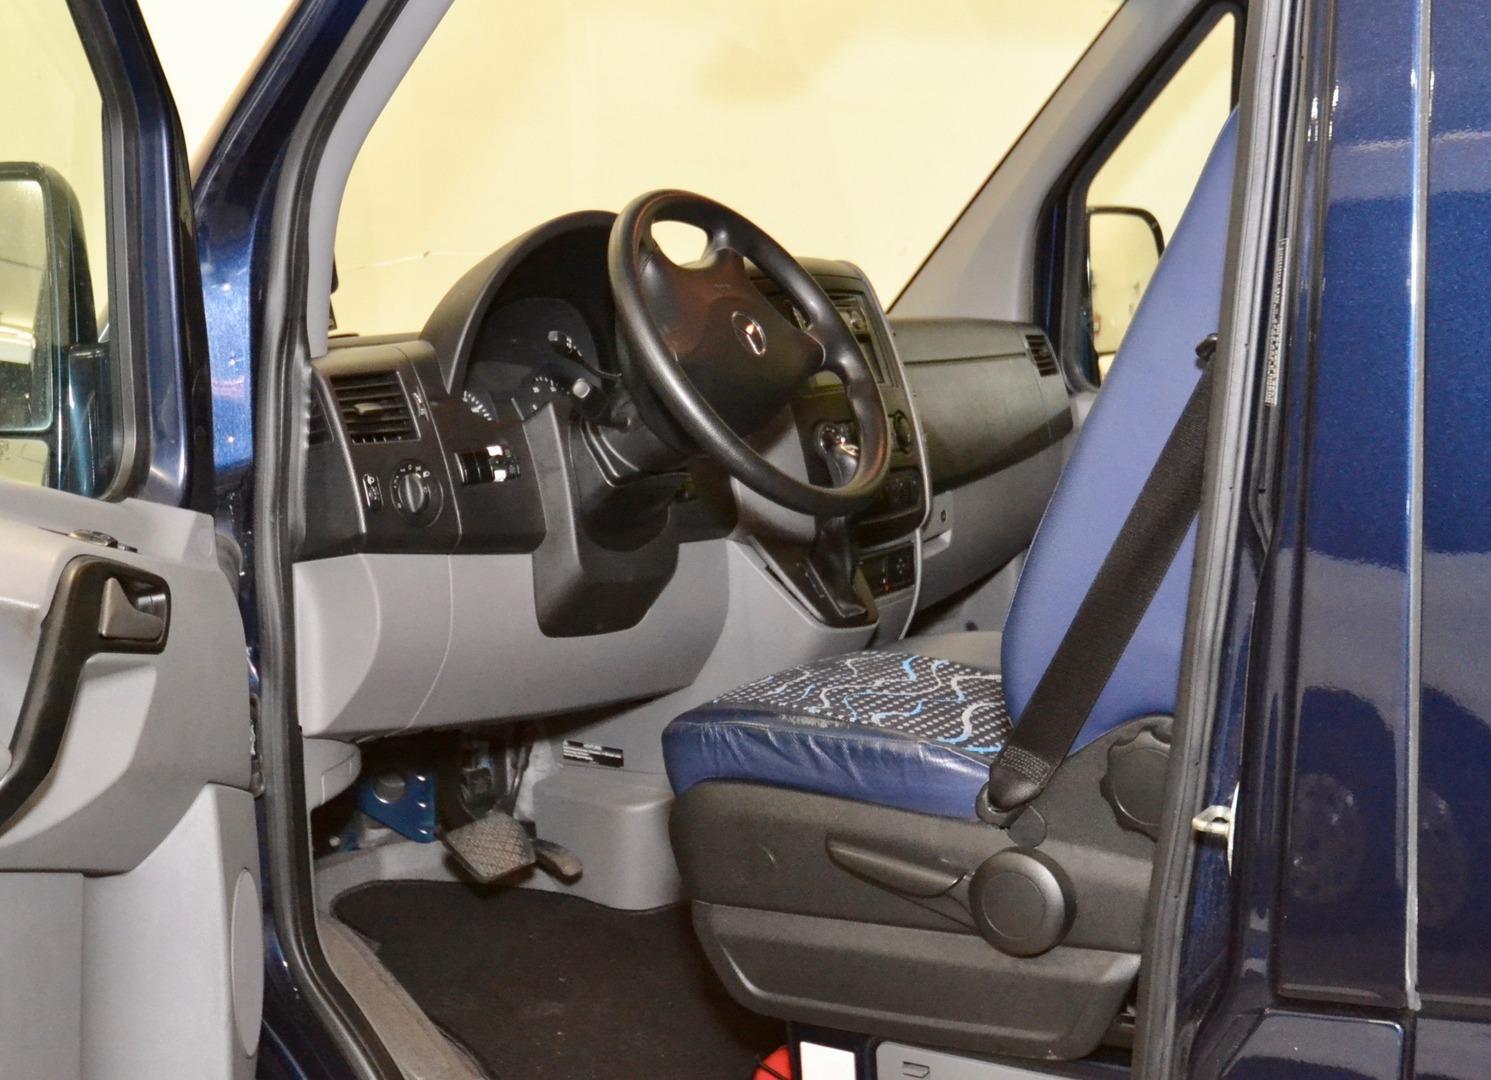 Mercedes-Benz-Automet Sprinter 314 CDI, Sprinter 314 CDI Yksikerroksinen (CA) 5ov 2143cm3 A